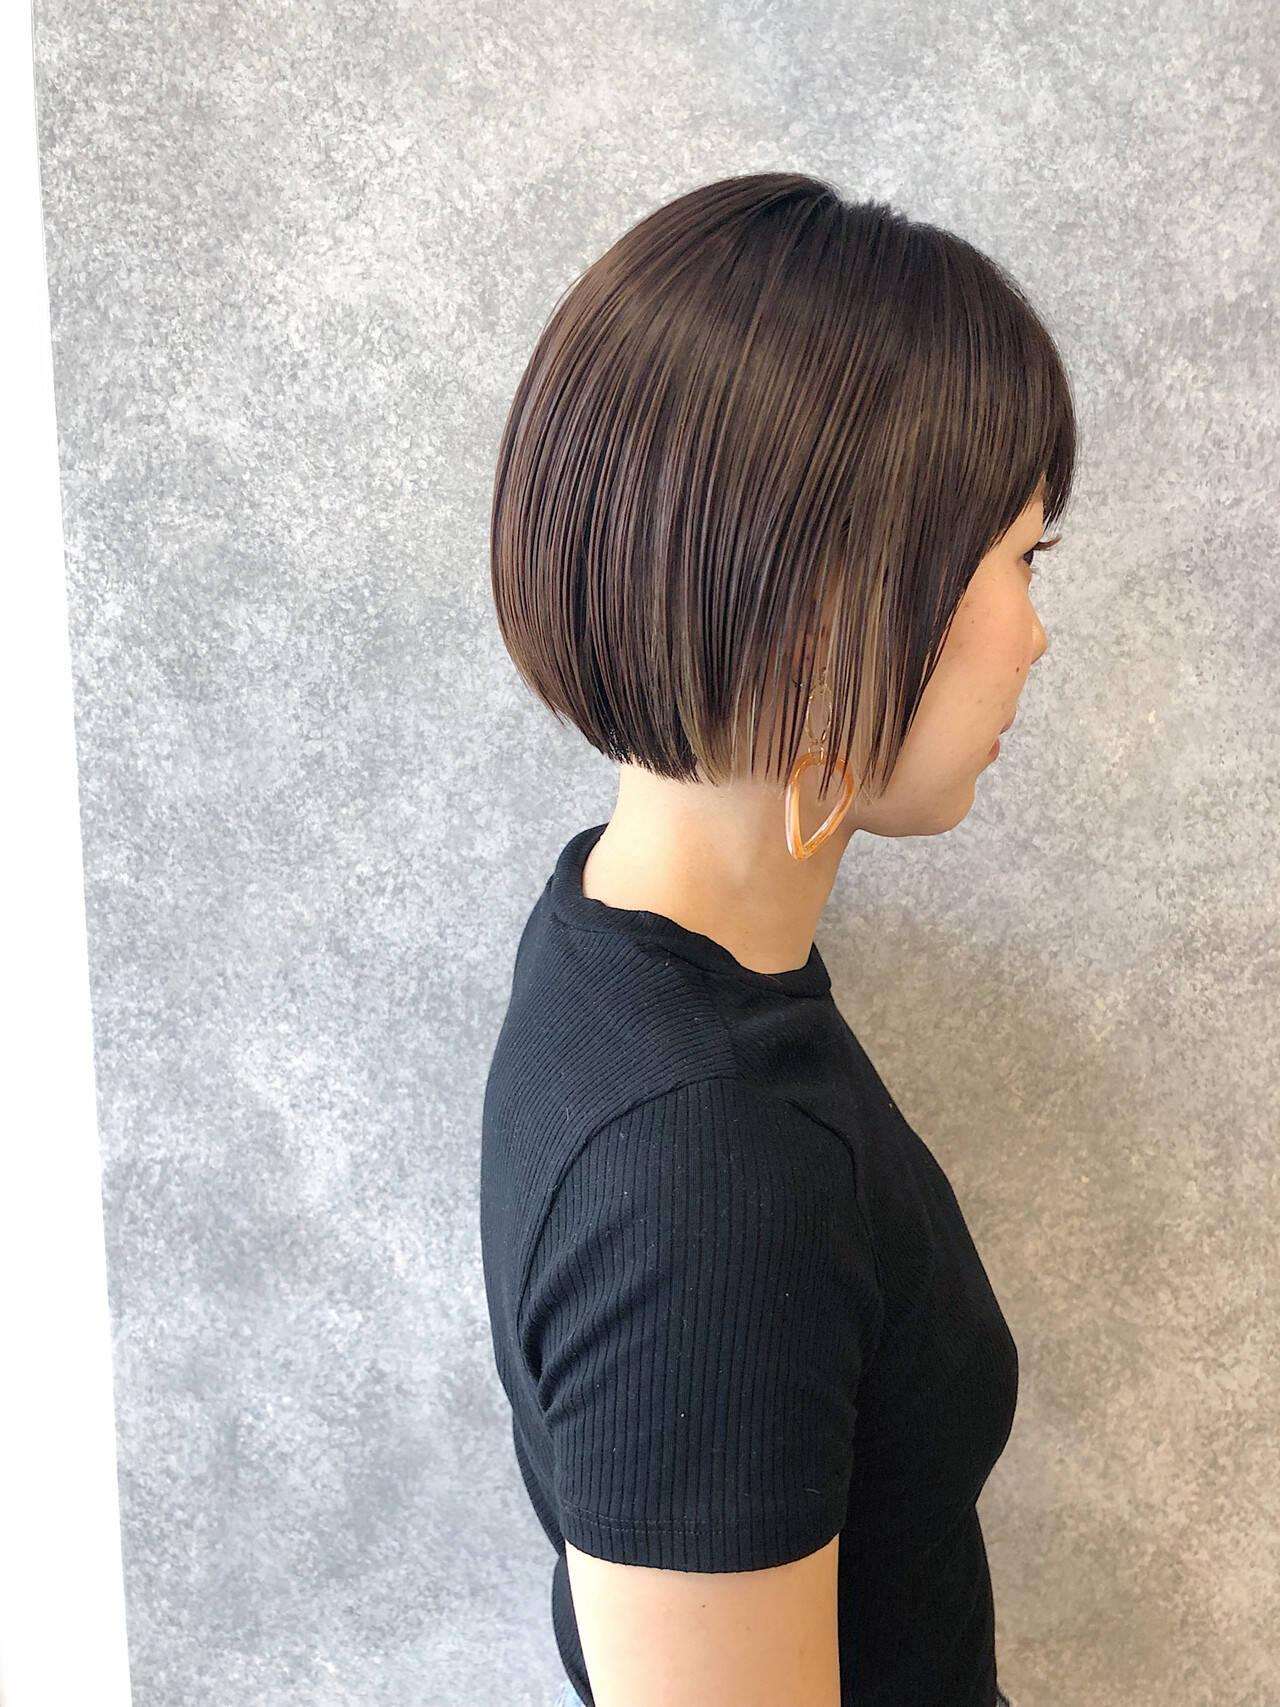 ナチュラル 簡単ヘアアレンジ 小顔 ボブヘアスタイルや髪型の写真・画像